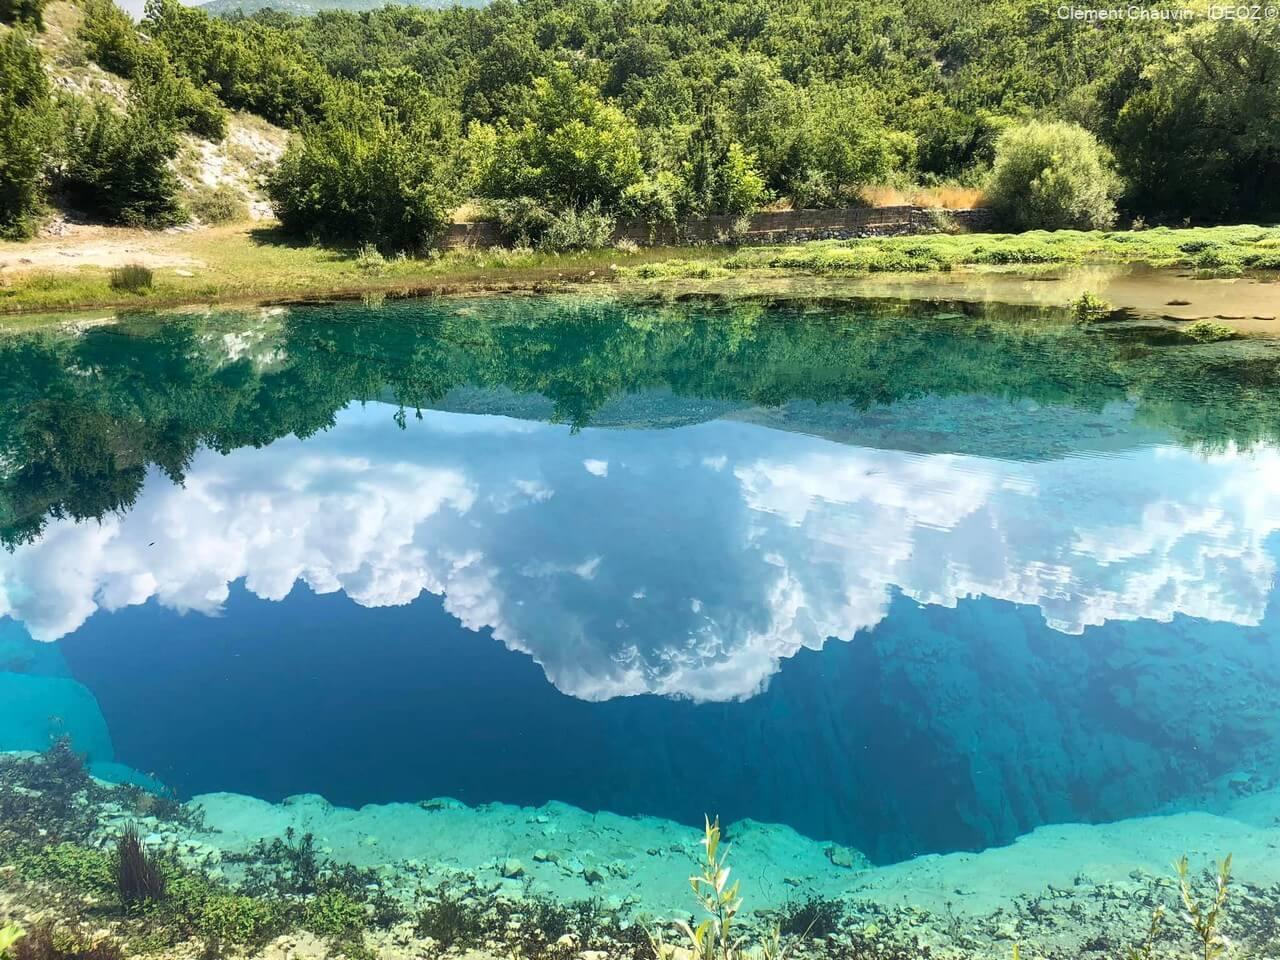 reflet du ciel nuageux dans la source de la rivière cetina